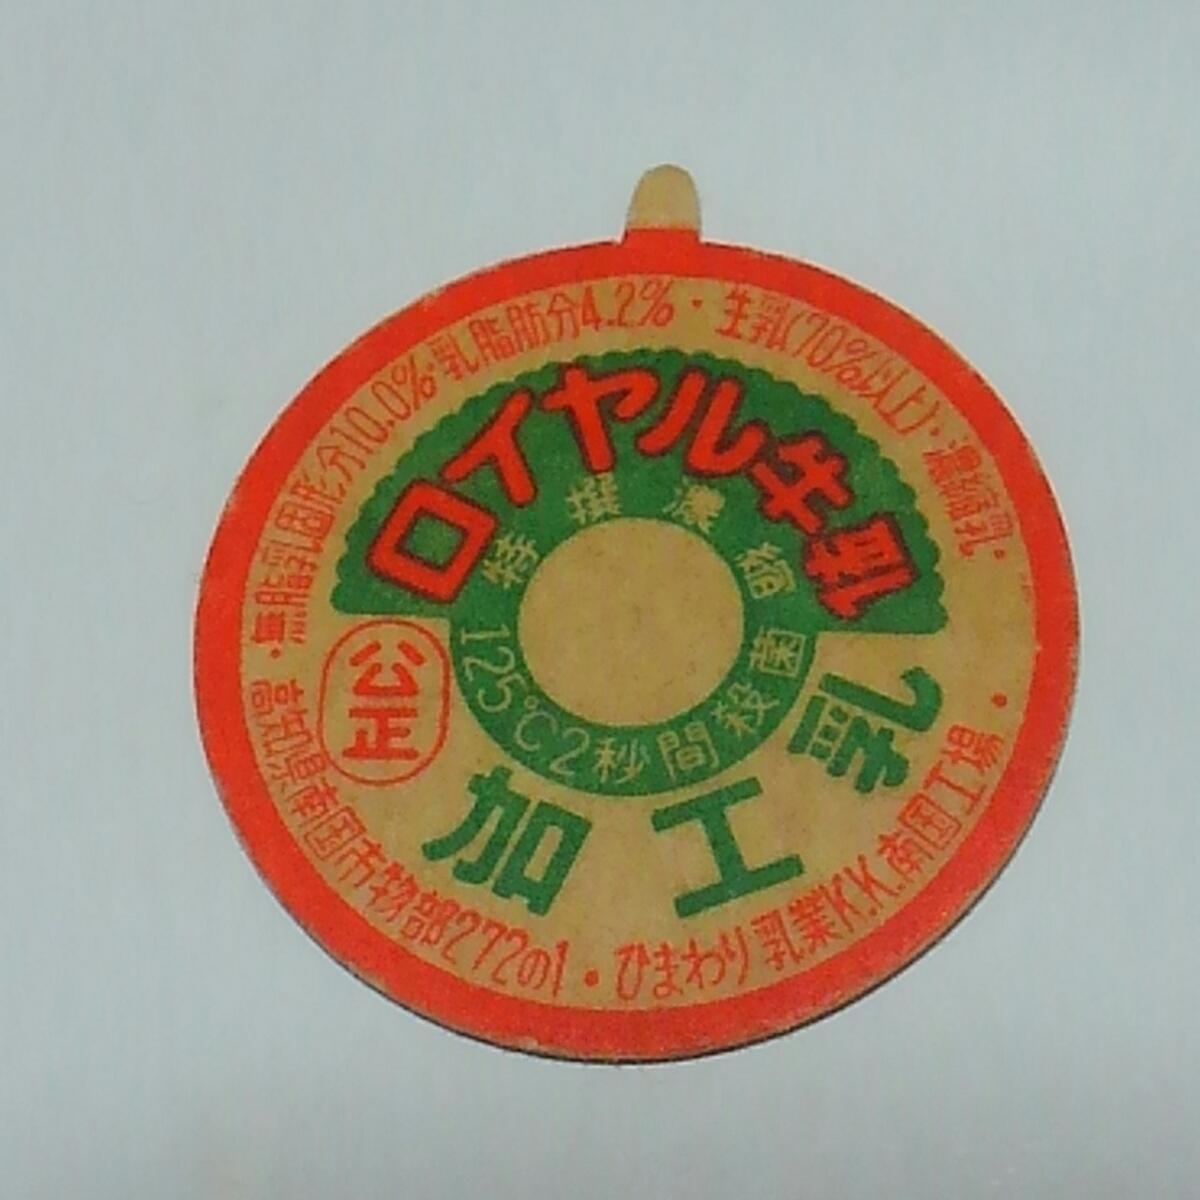 【牛乳キャップ】約30年前 ロイヤル牛乳 未使用 高知県/ひまわり乳業K.K.南国工場